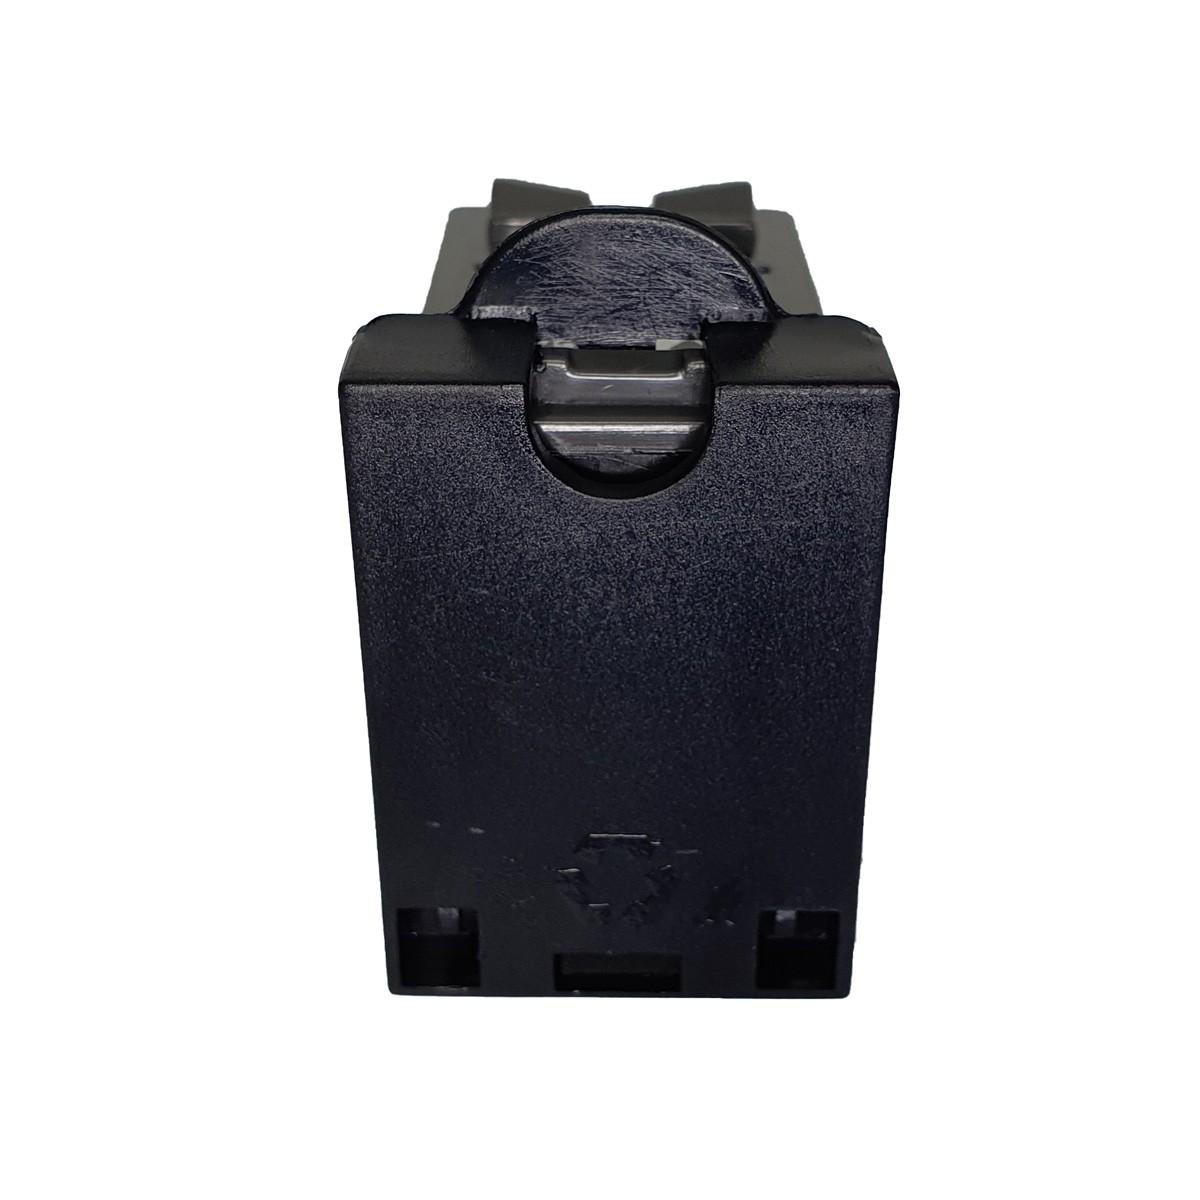 Cartucho MJ Compatível 56 27 21 Preto para 1315 4255 1210 da HP